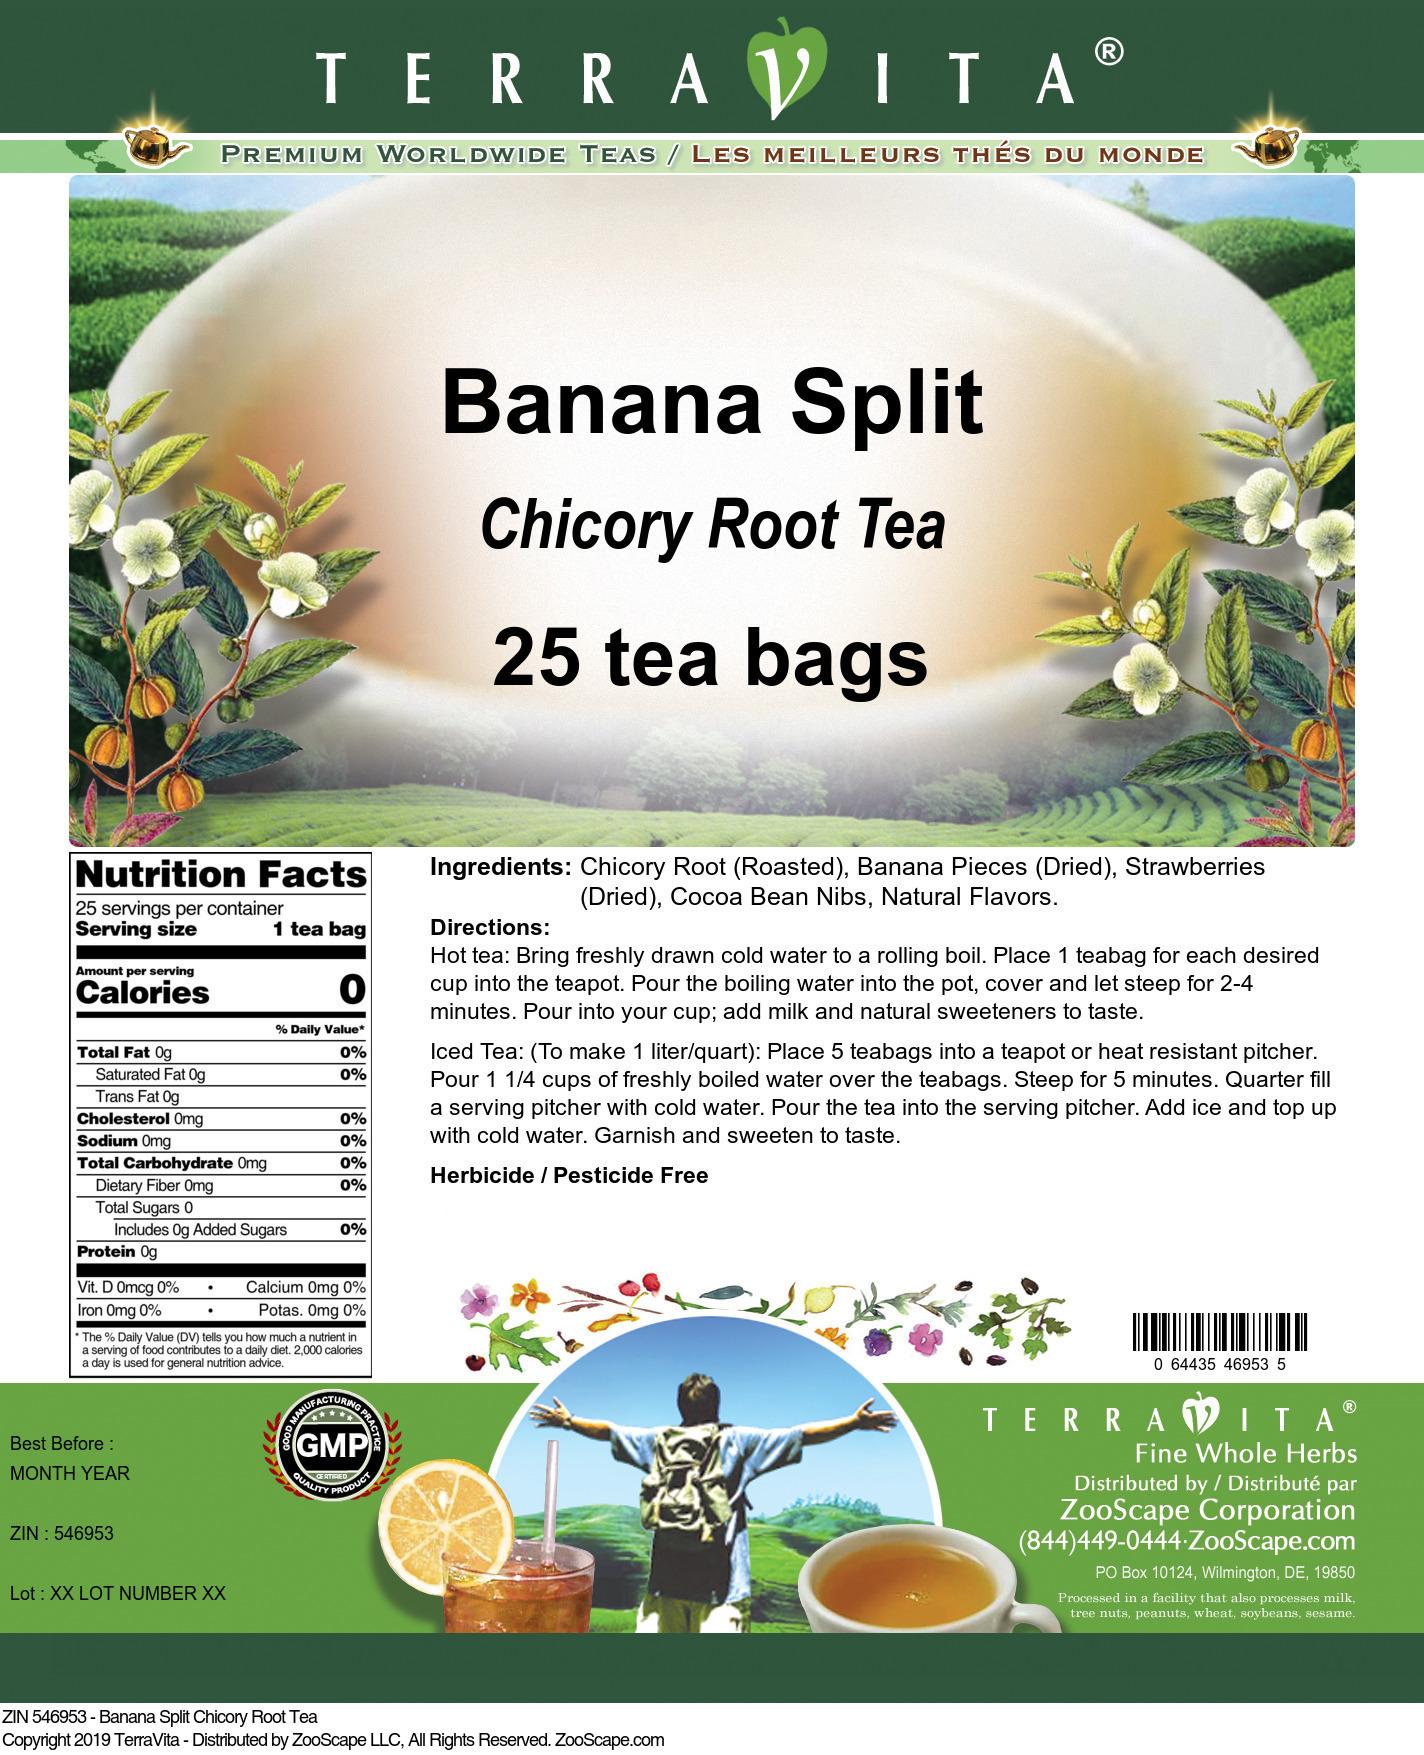 Banana Split Chicory Root